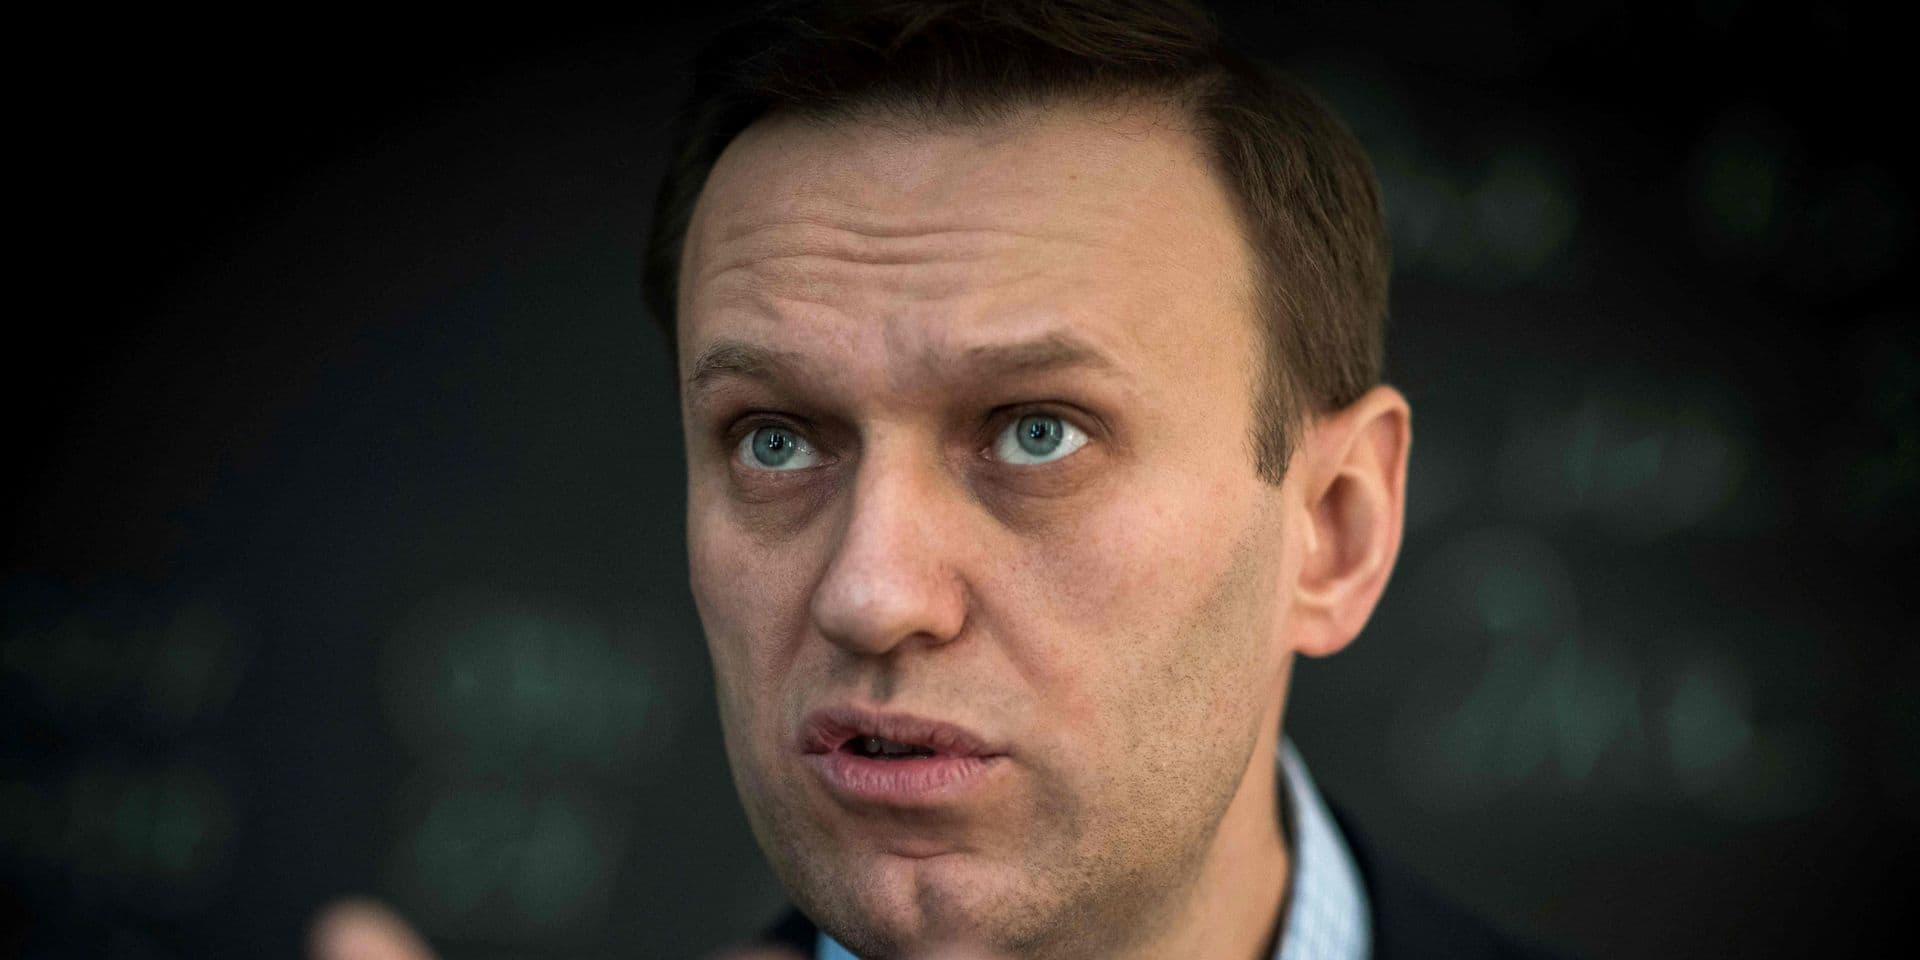 """Selon l'hôpital de Berlin où il est soigné, Alex Navalny présente bien des """"traces d'empoisonnement"""""""